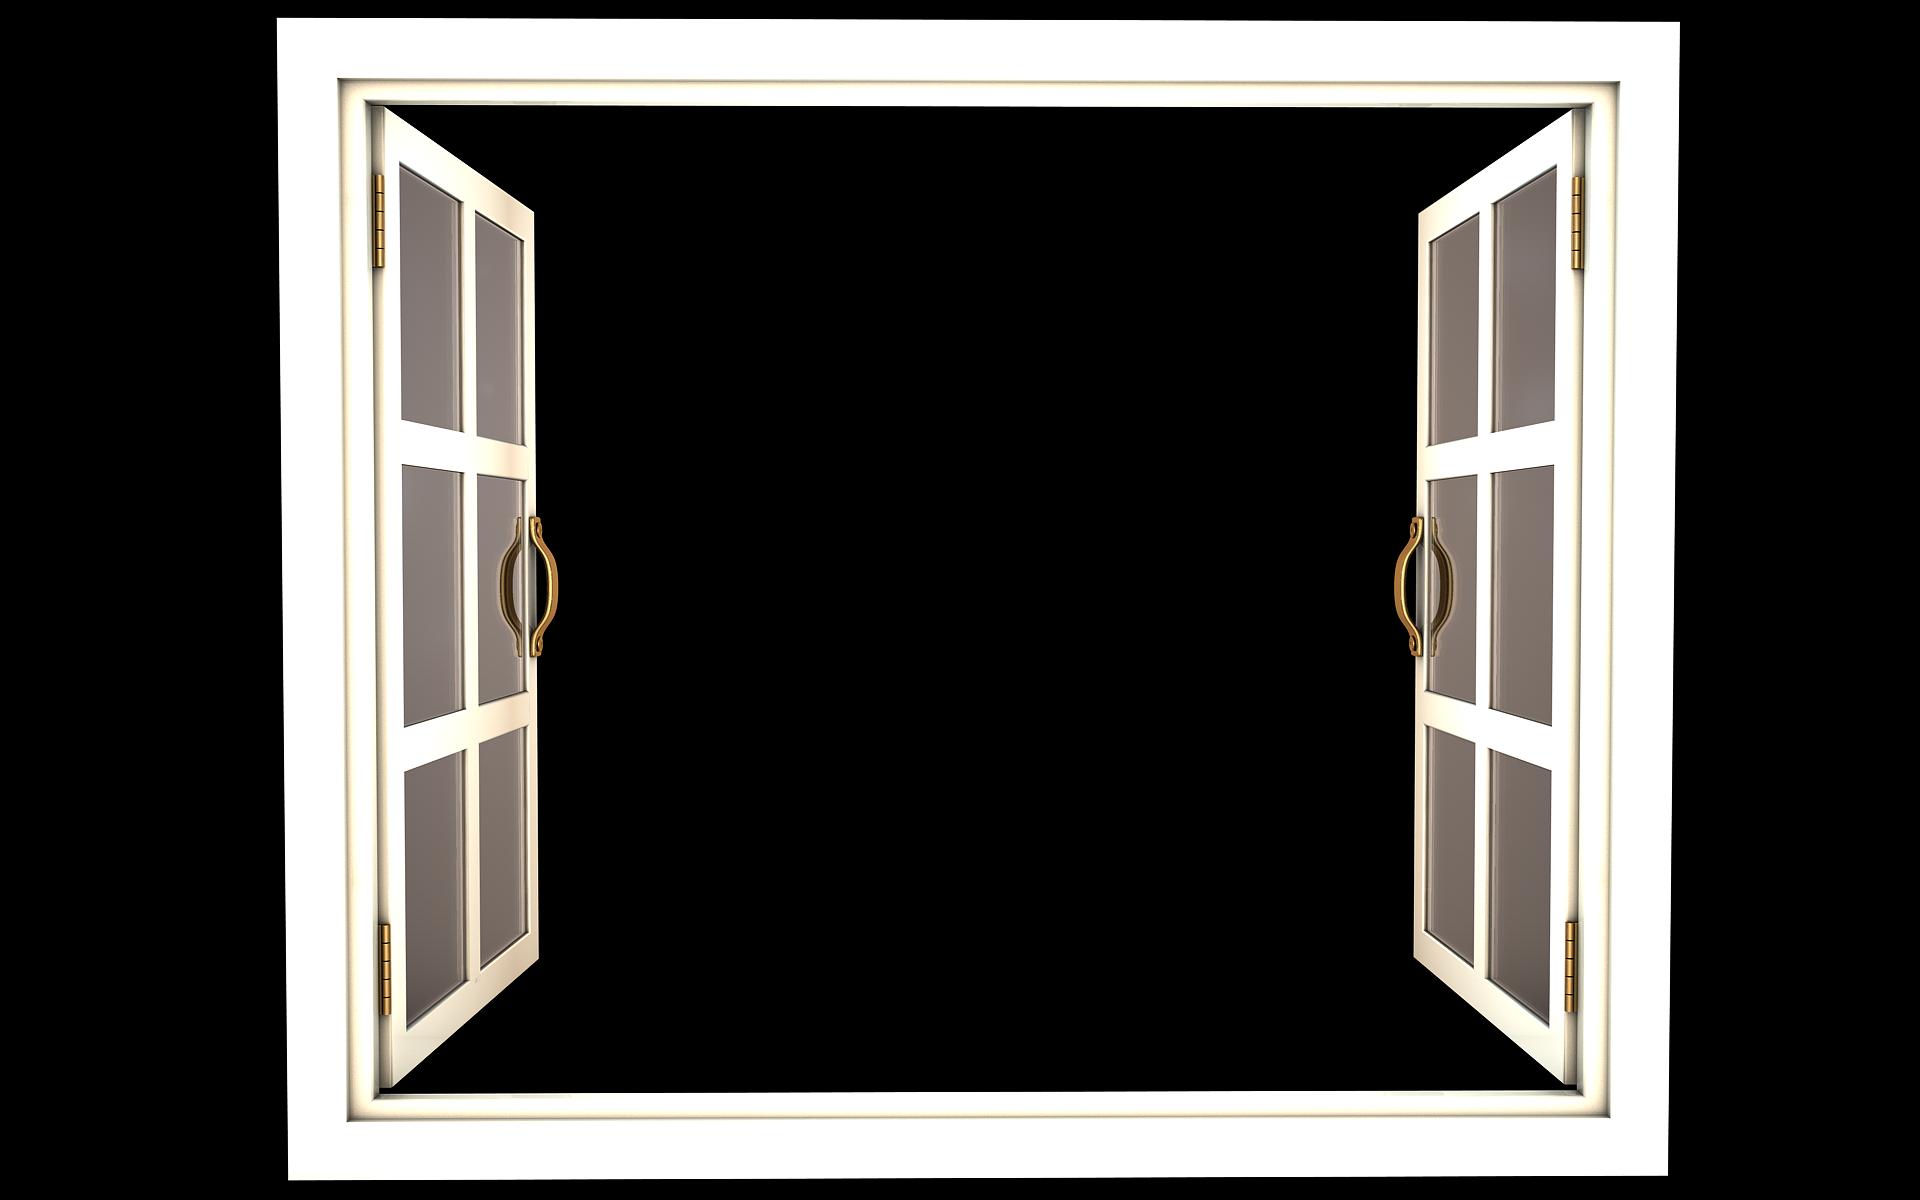 skittles52stock 248 127 window frame 2 by taz09